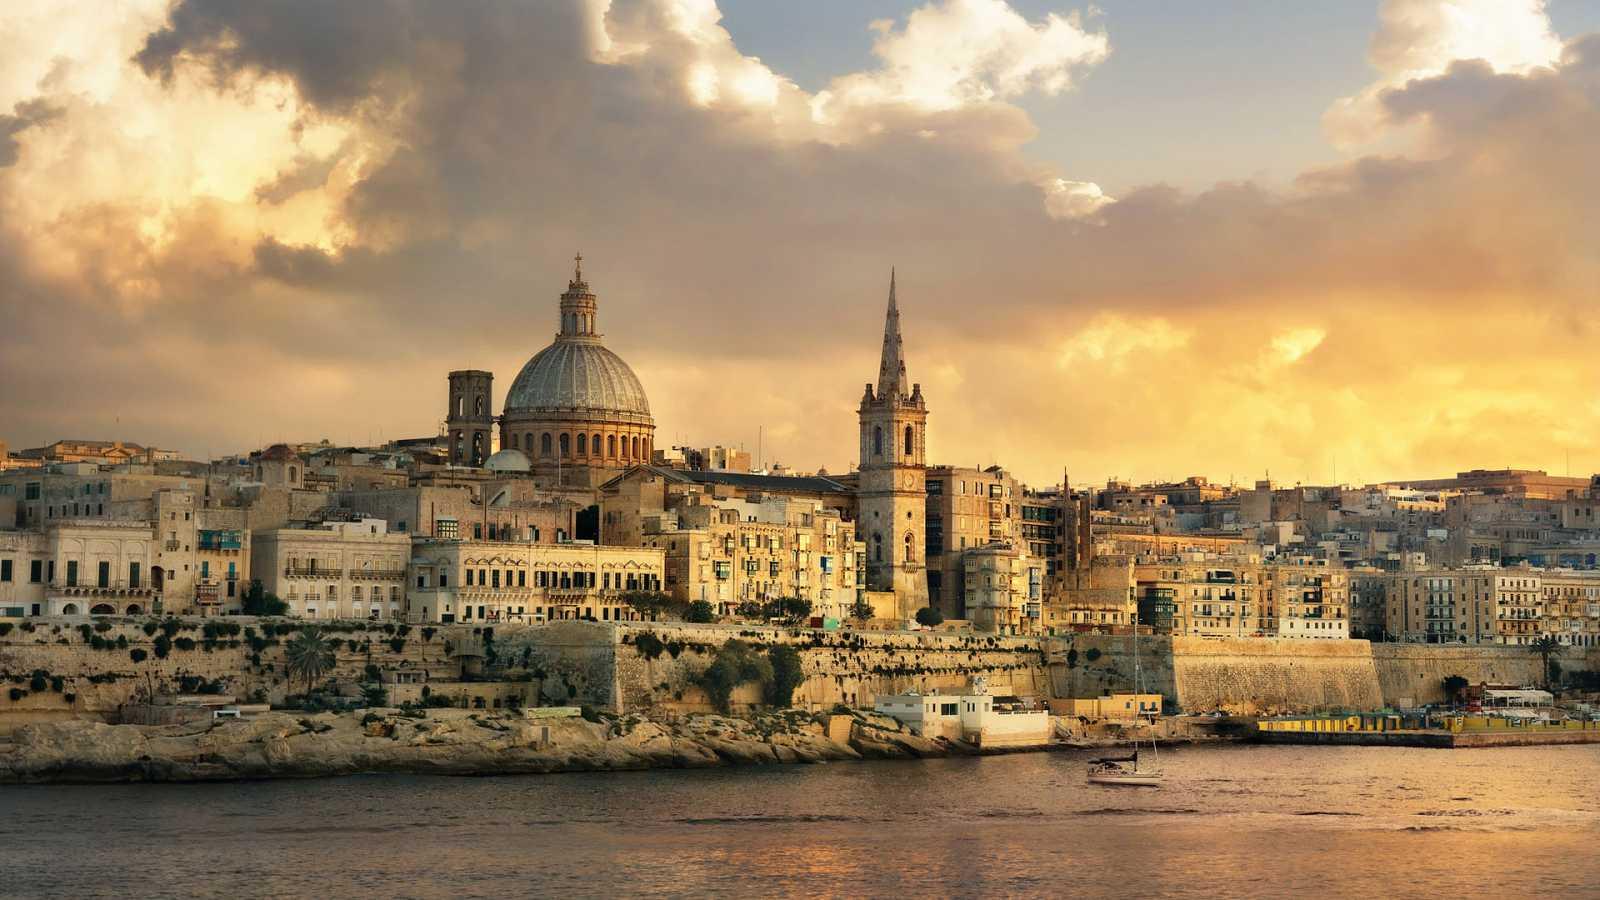 Universidad de Malta ofrece Maestría en Ciencias Blockchain y Tecnología de Contabilidad Distribuida única en el mundo